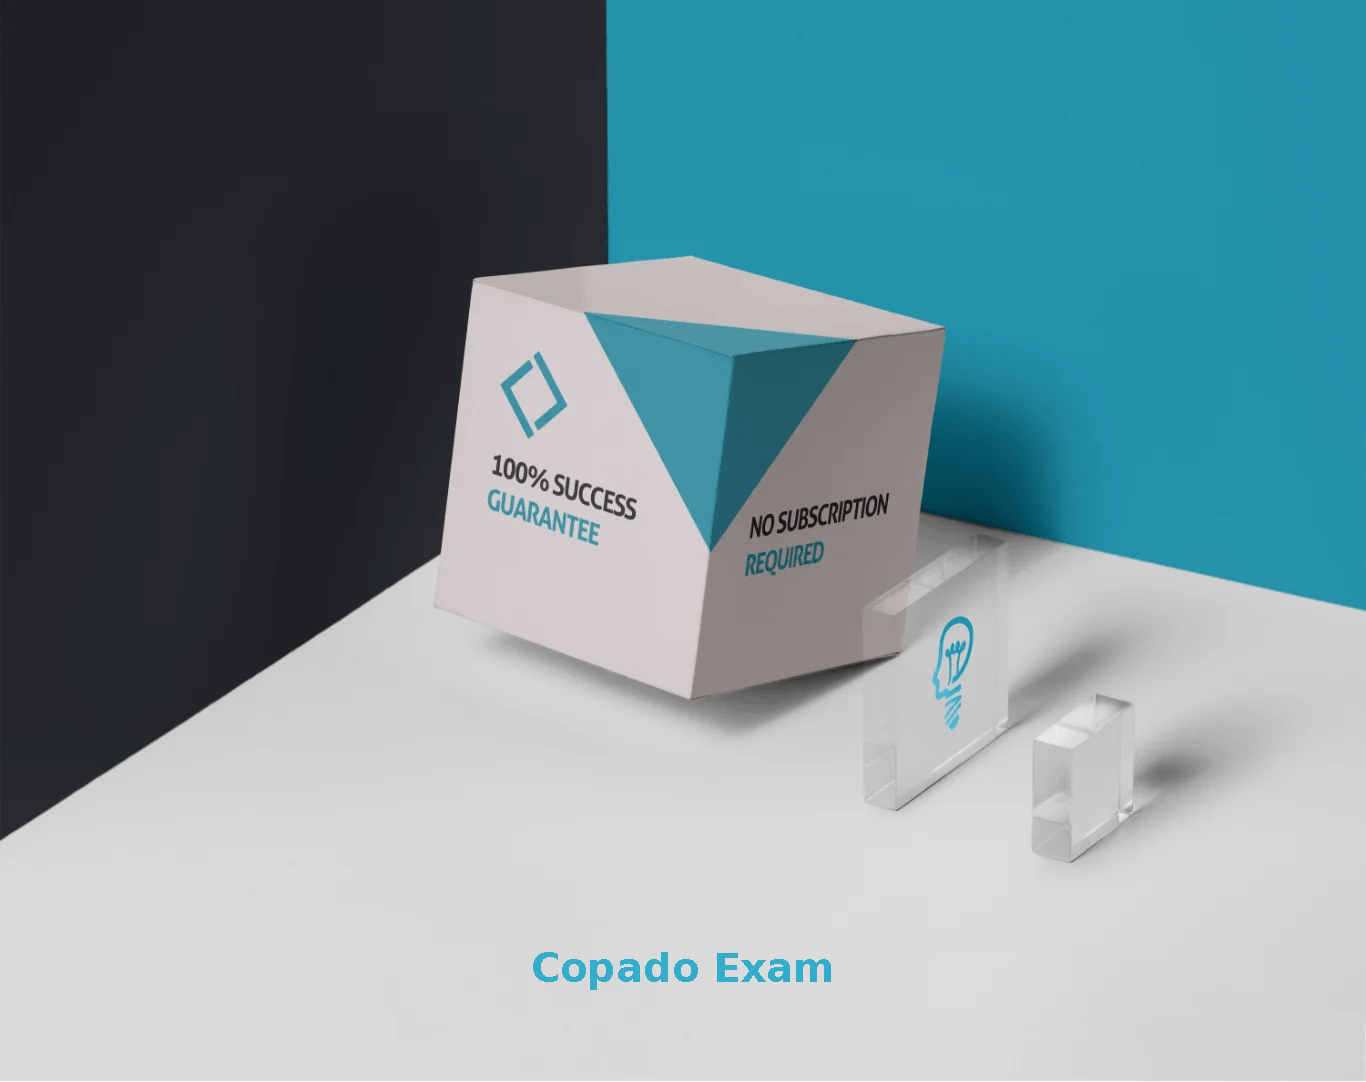 Copado Exam Dumps